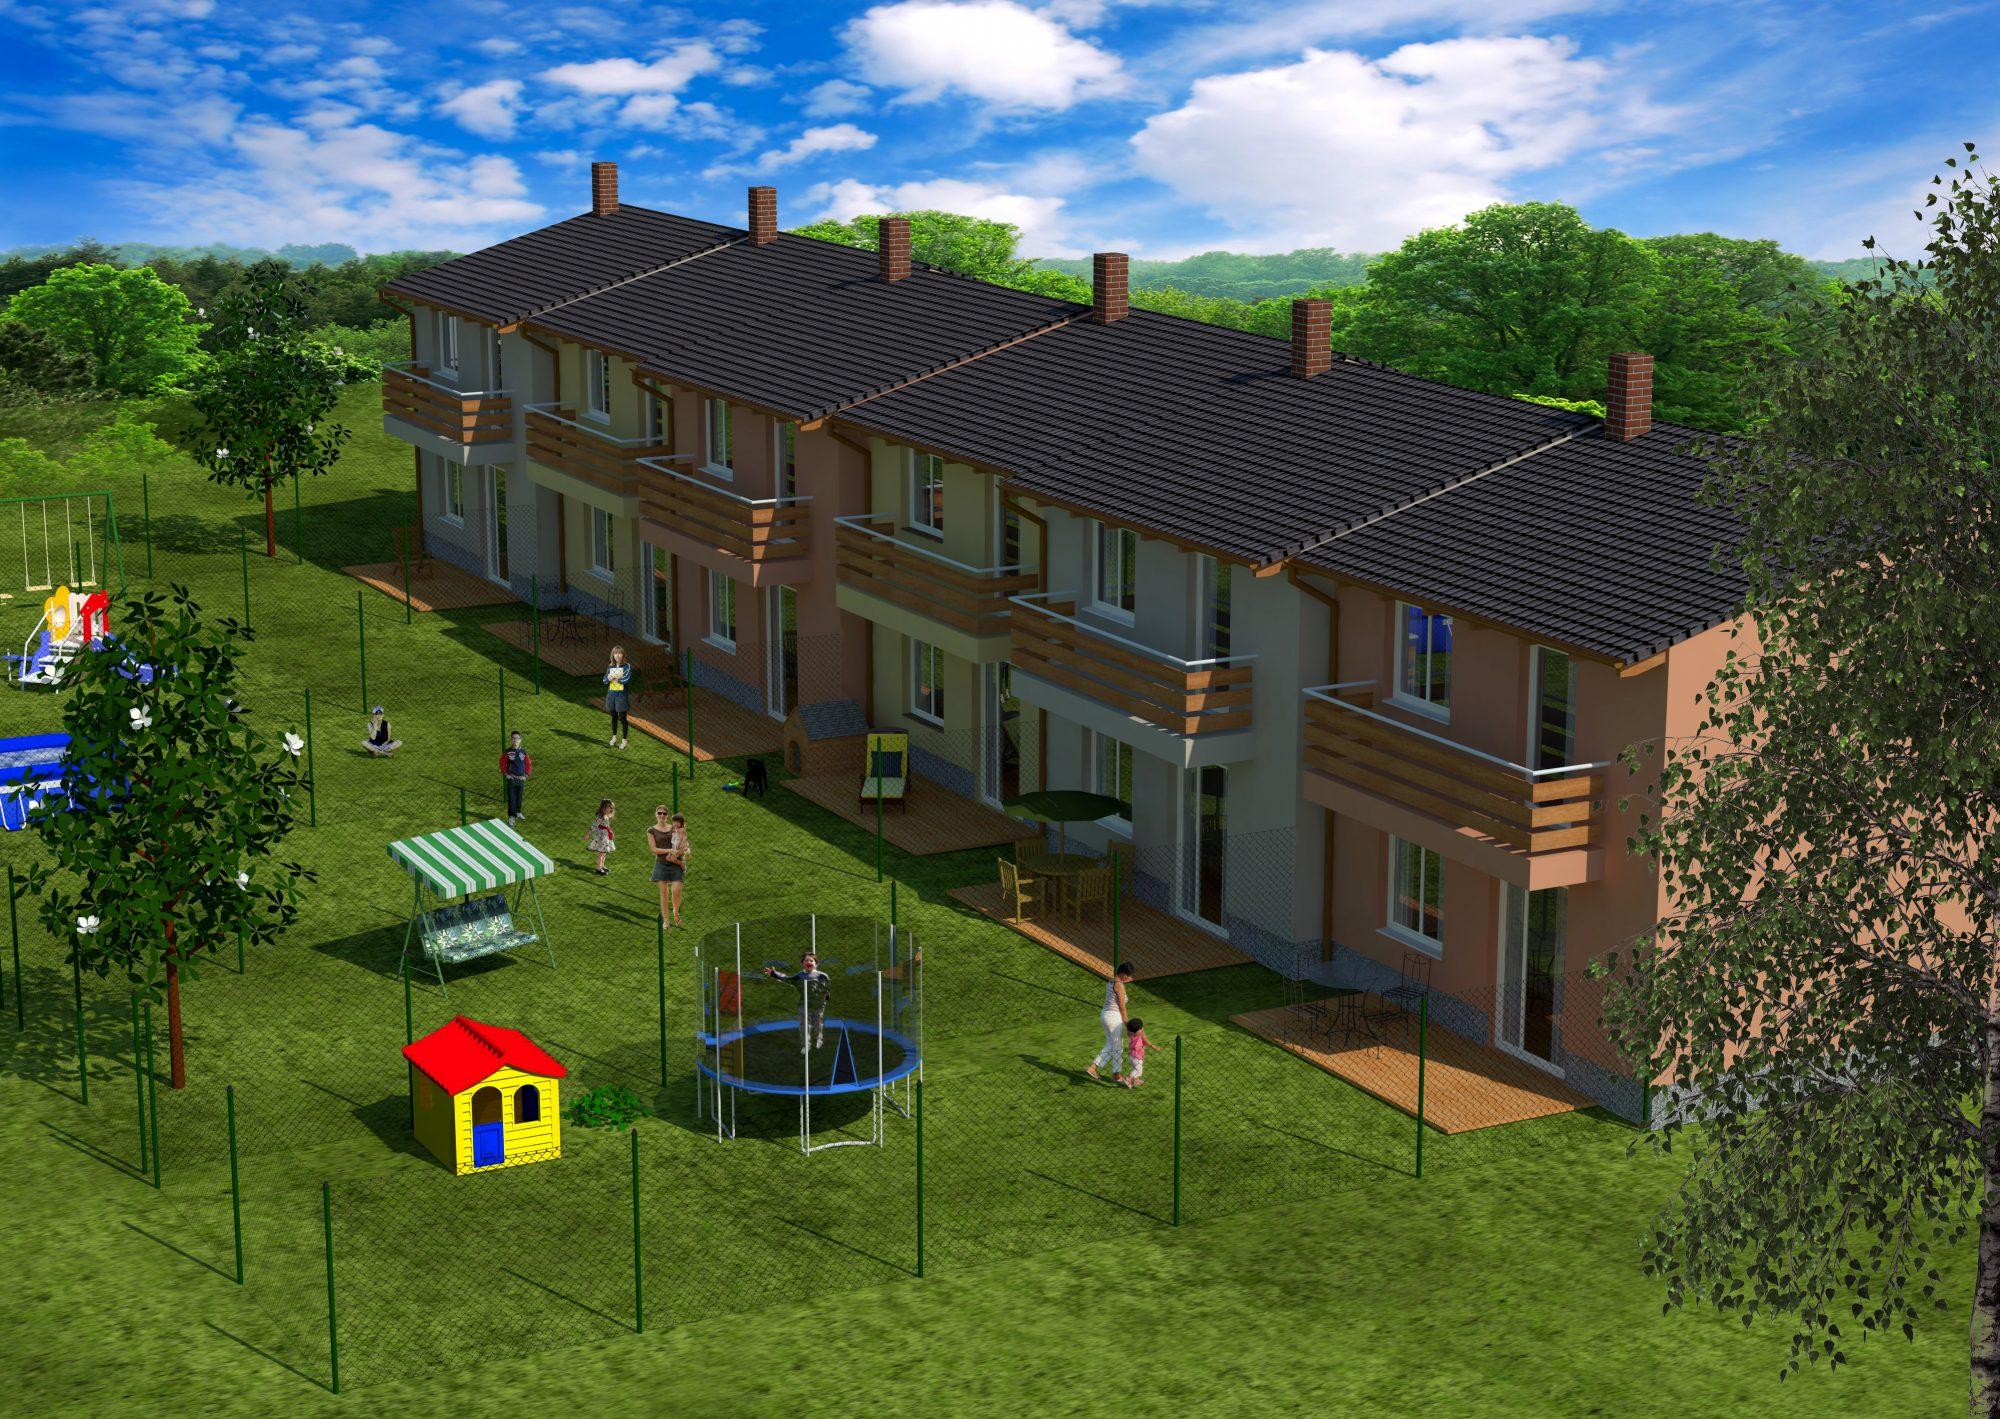 Vizualizace řadových rodinných domů pro developerský projekt